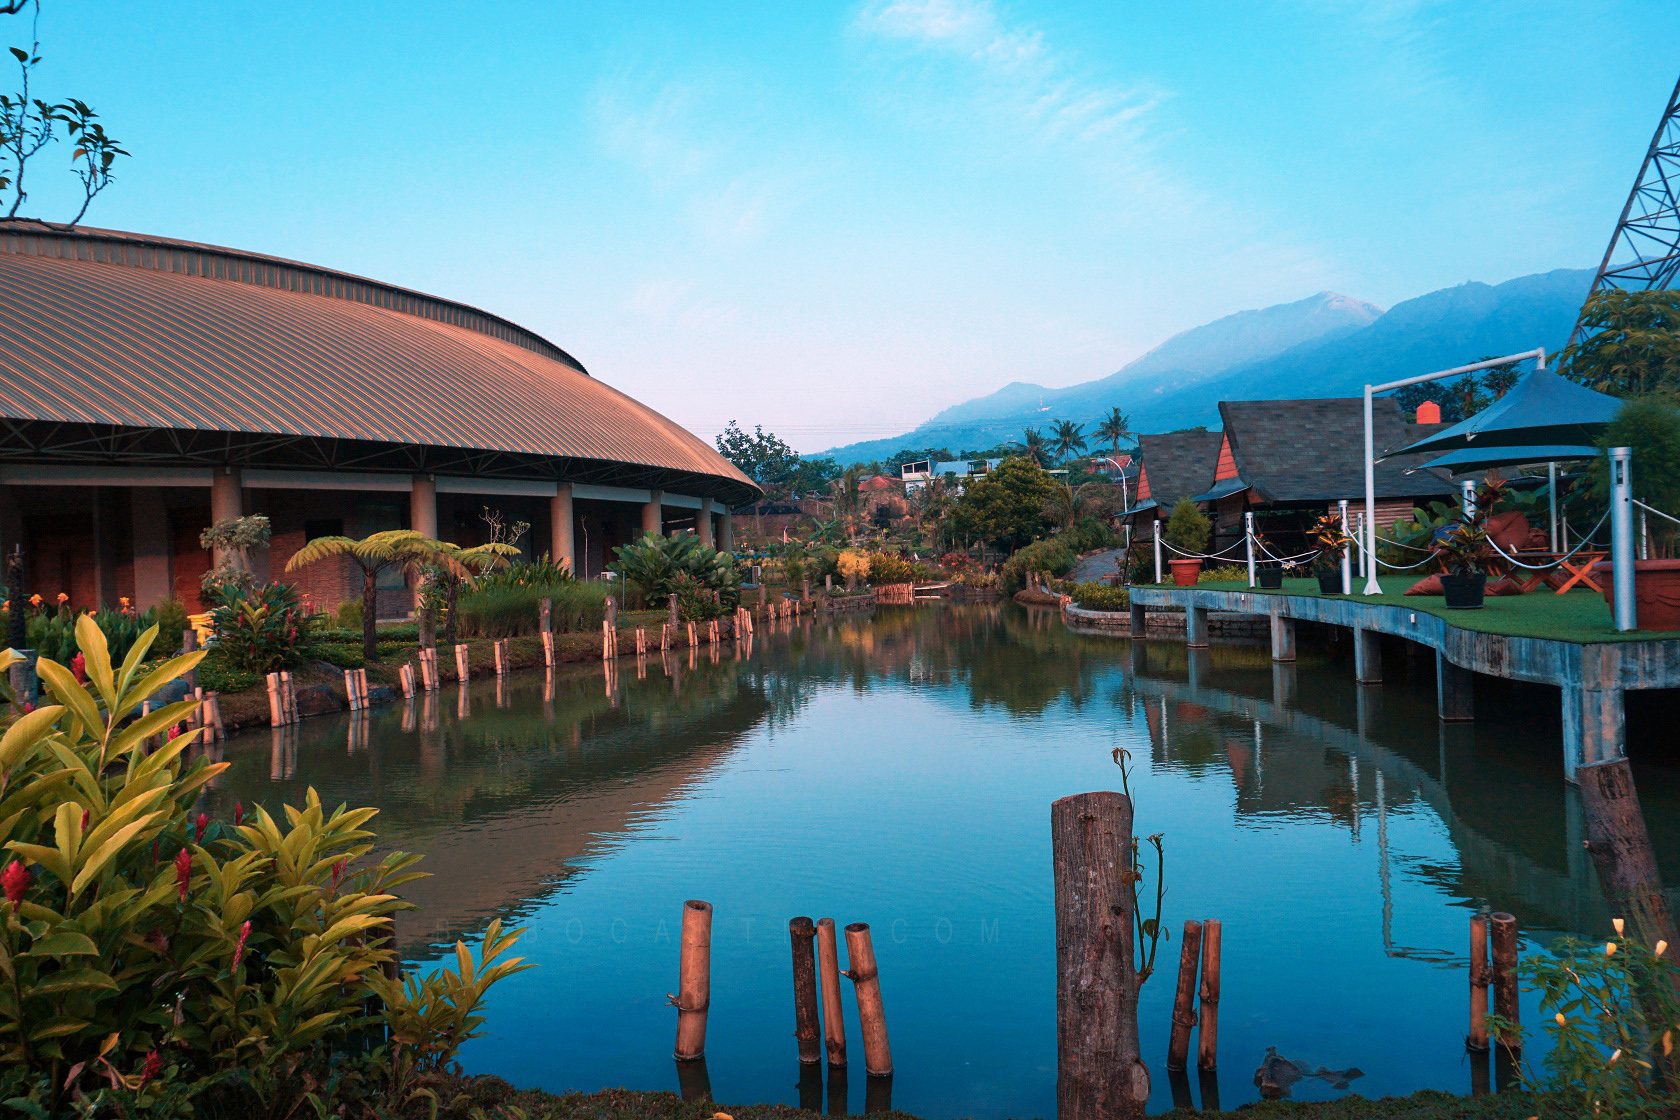 Review The Wujil Resort Amp Conventions Hotel Baru Nyaman Fasilitas Lengkap